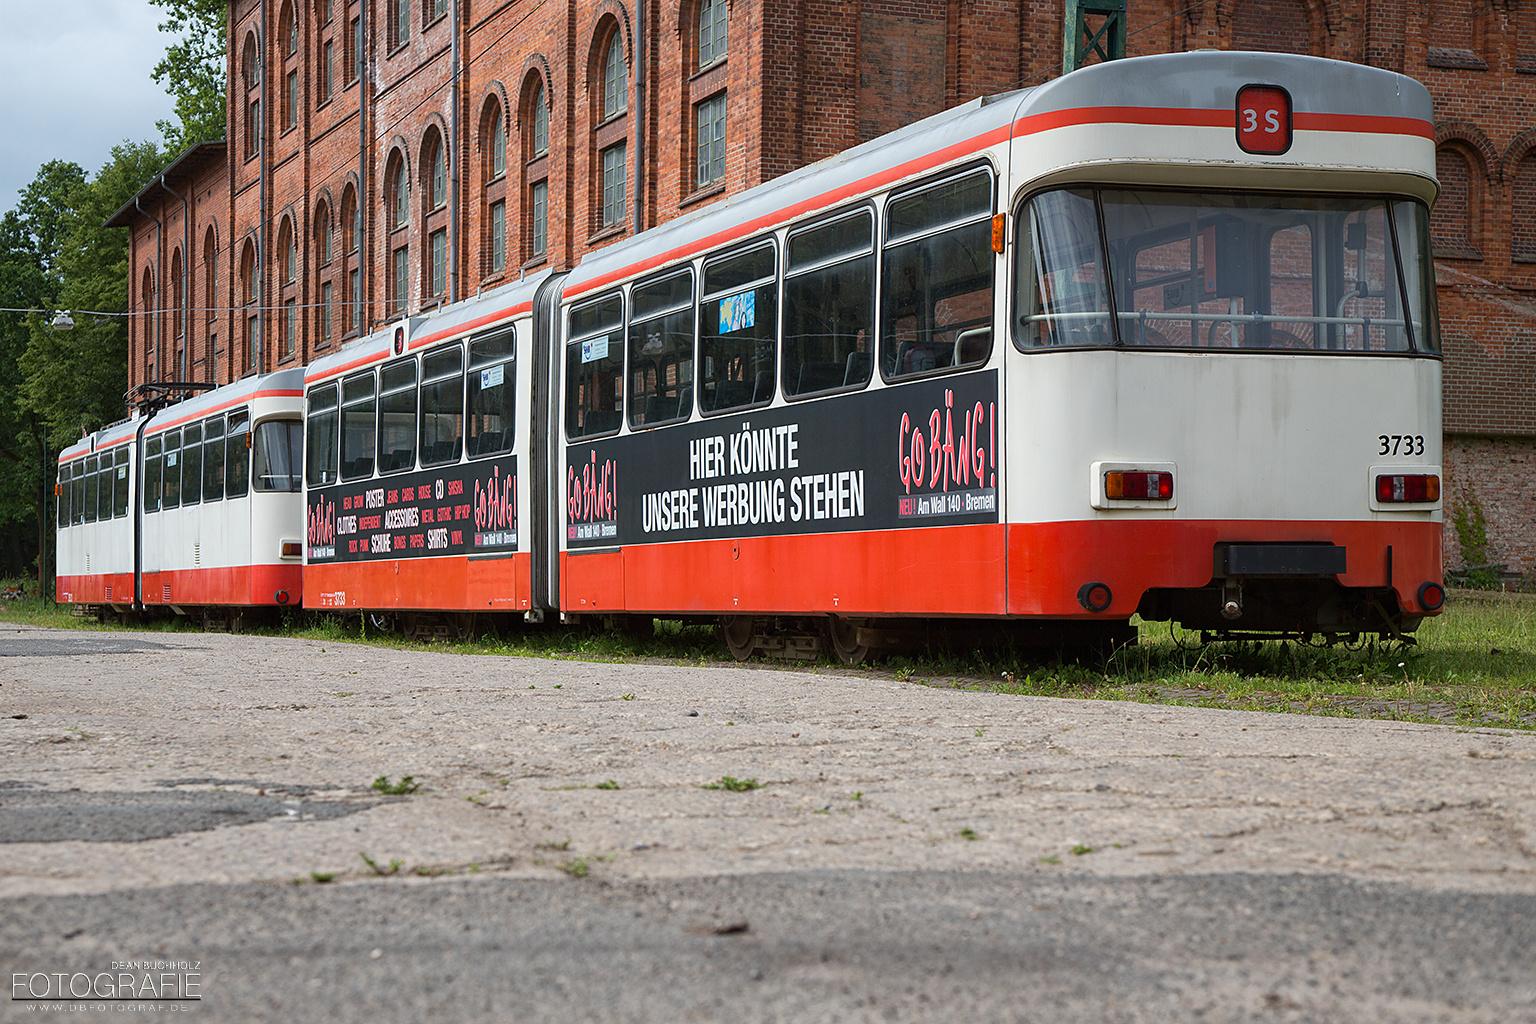 Straßenbahnwagen 3733